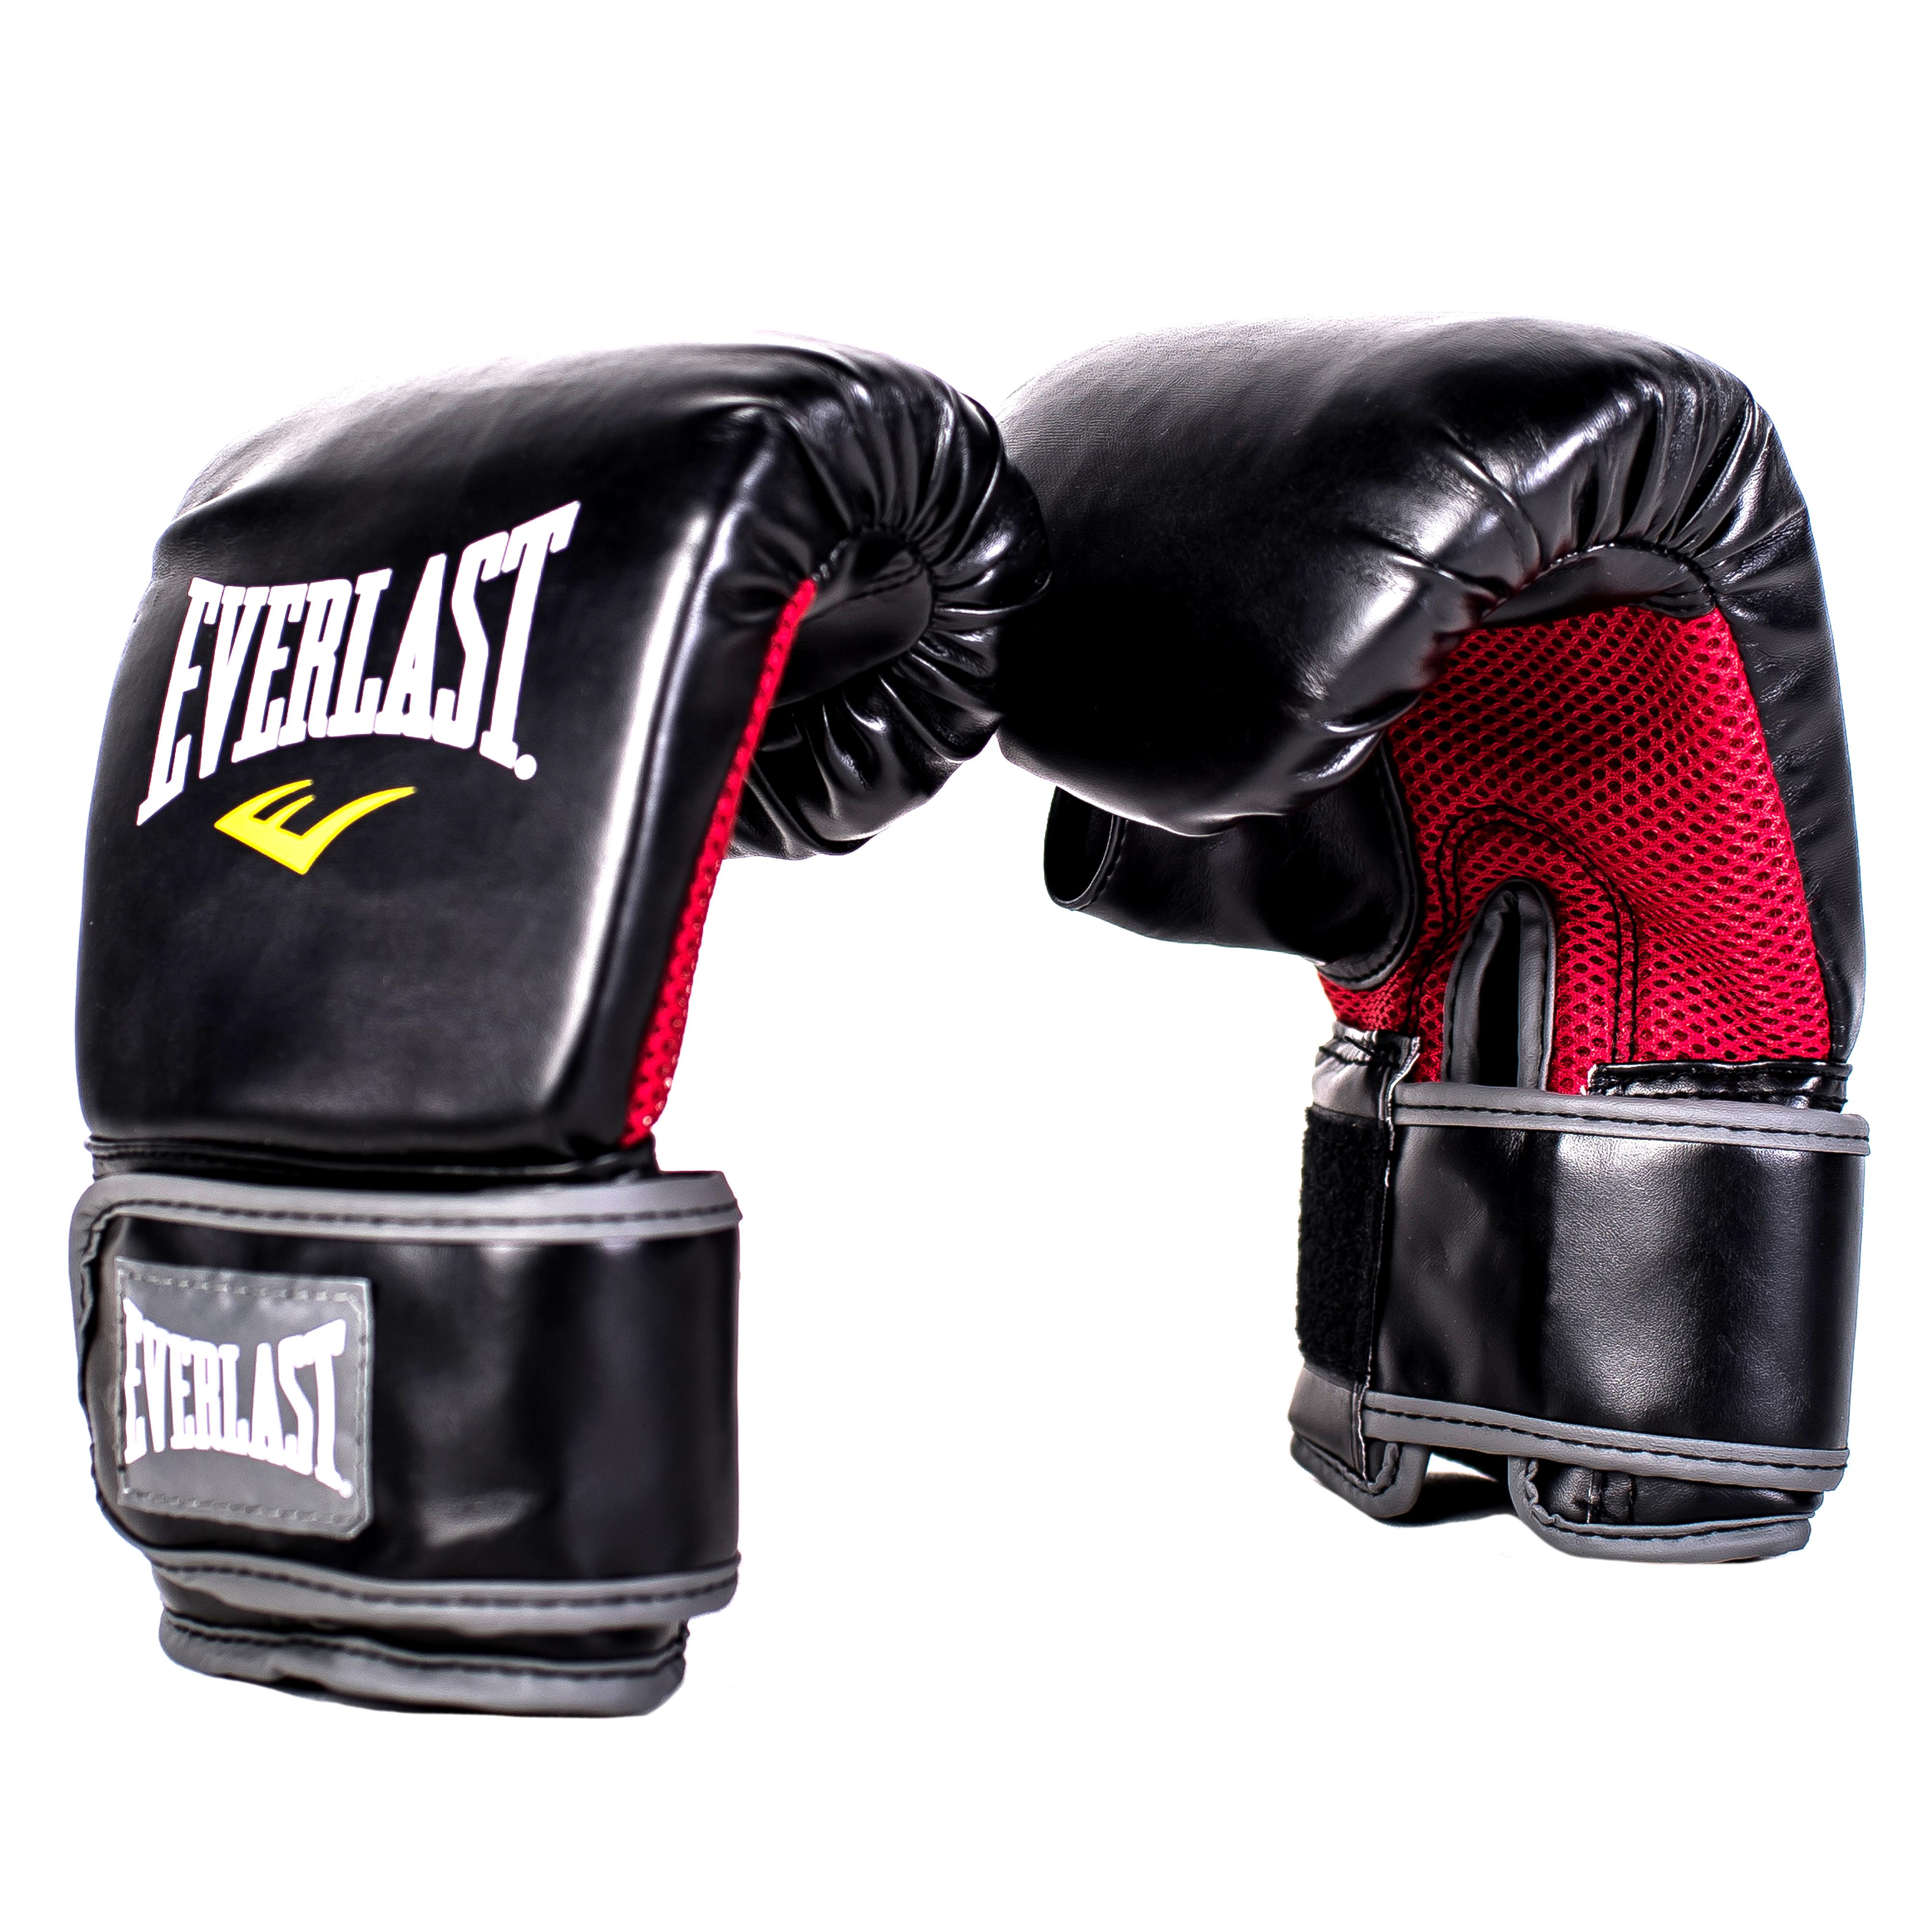 Перчатки снарядные Everlast Martial Arts, цвет: черный. Размер L/XL перчатки снарядные everlast martial arts цвет черный размер l xl